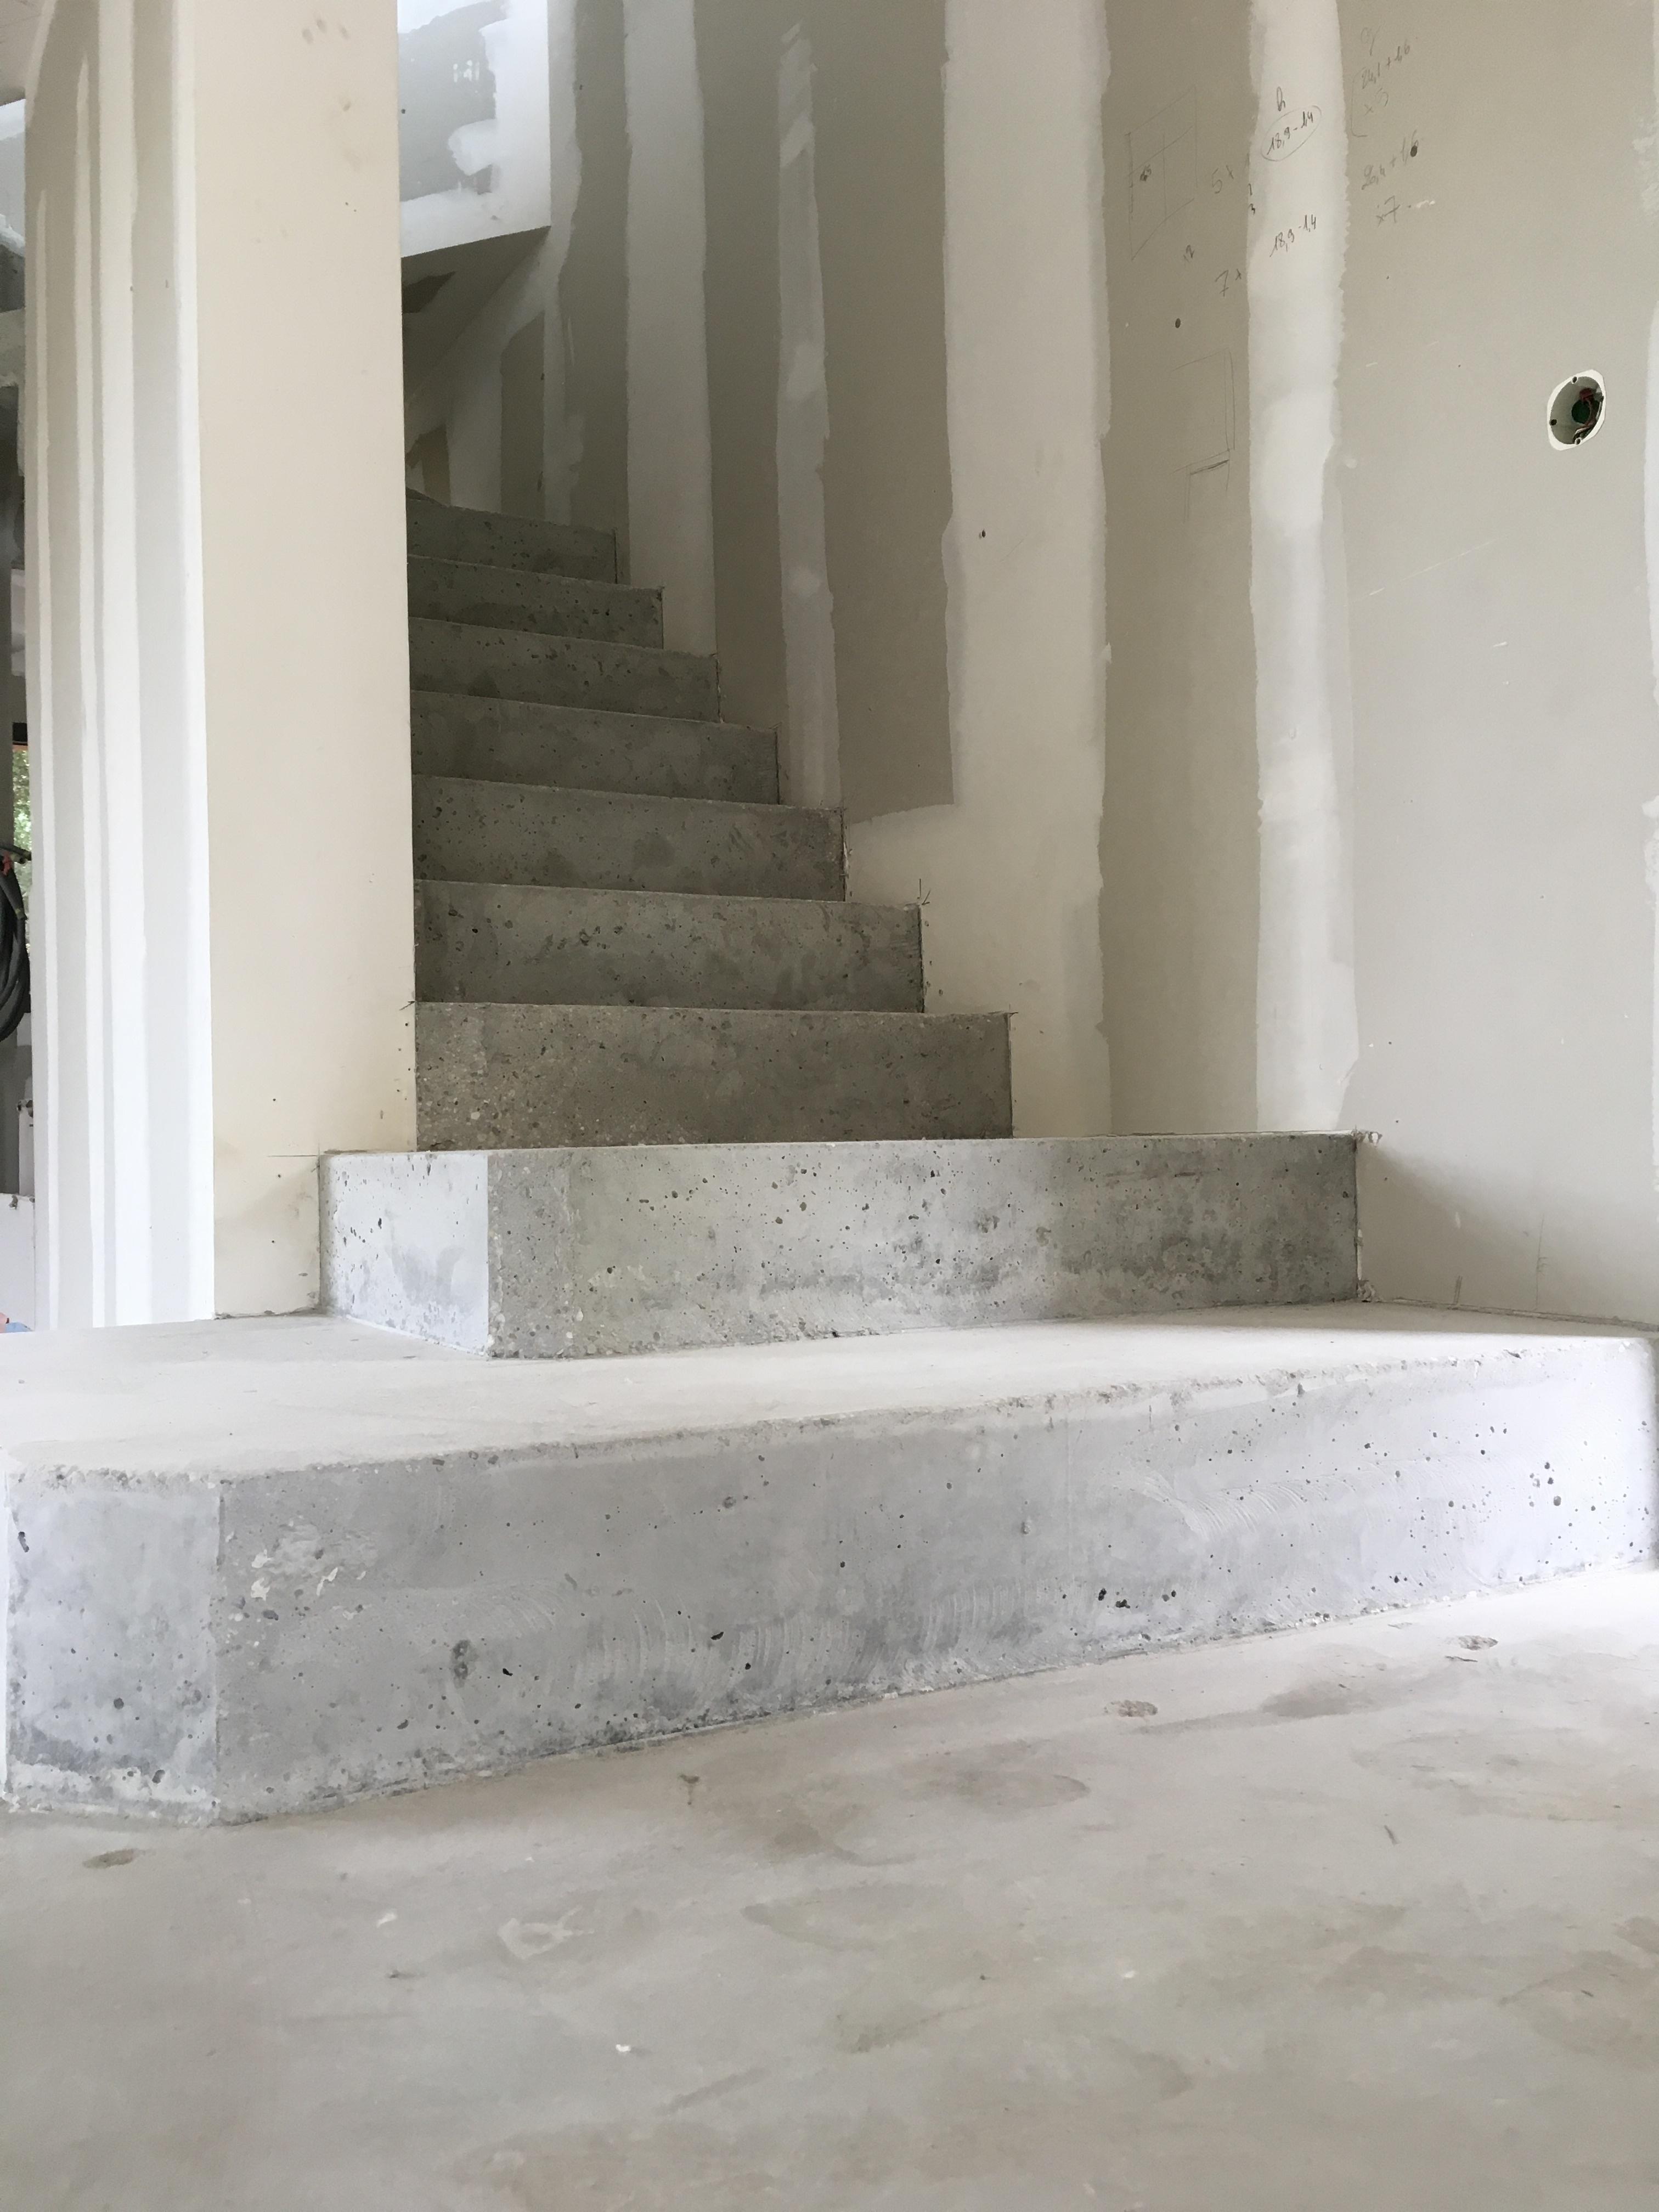 remarquable escalier crémaillère avec marches royales en béton brut de décoffrage  à pessac près de Bordeaux en Aquitaine pour un particulier